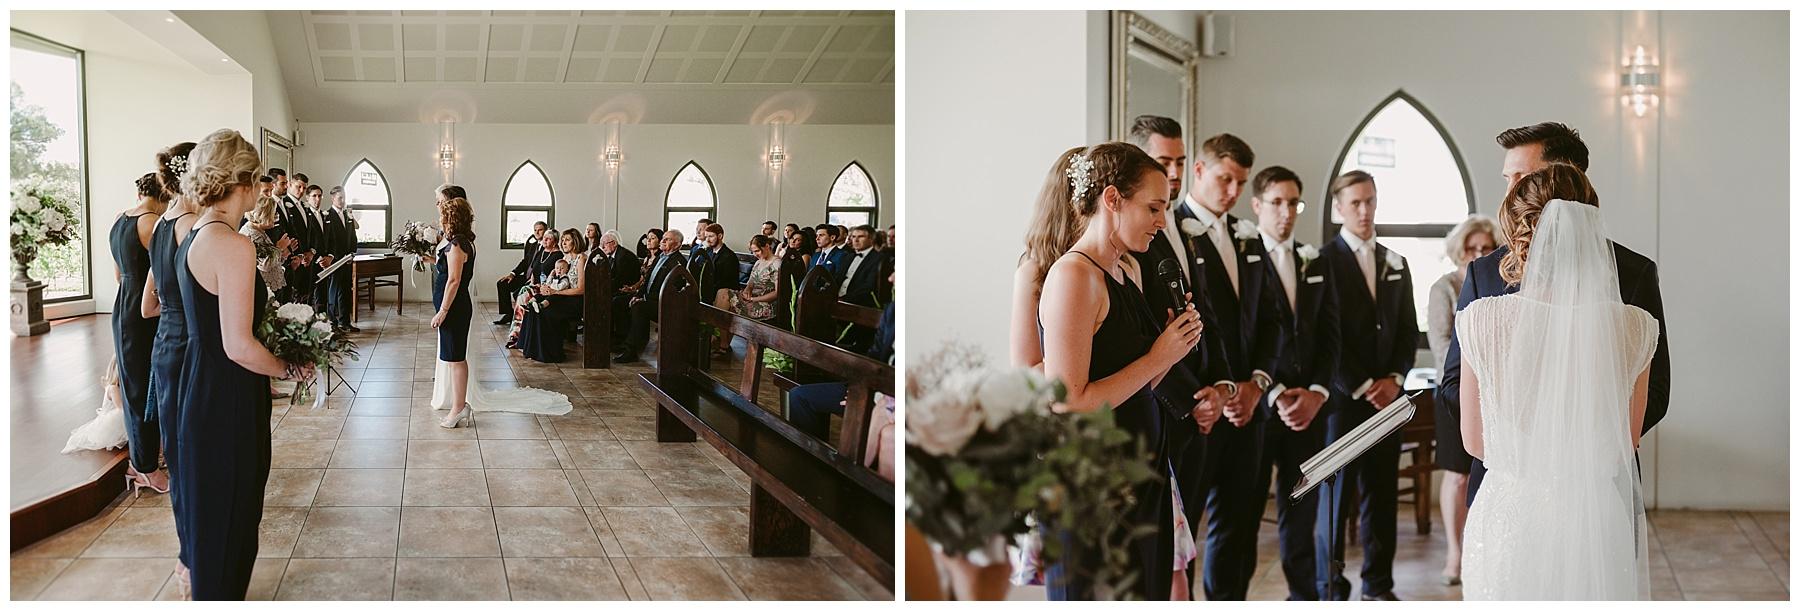 Enzo Wedding Photographer_0024.jpg